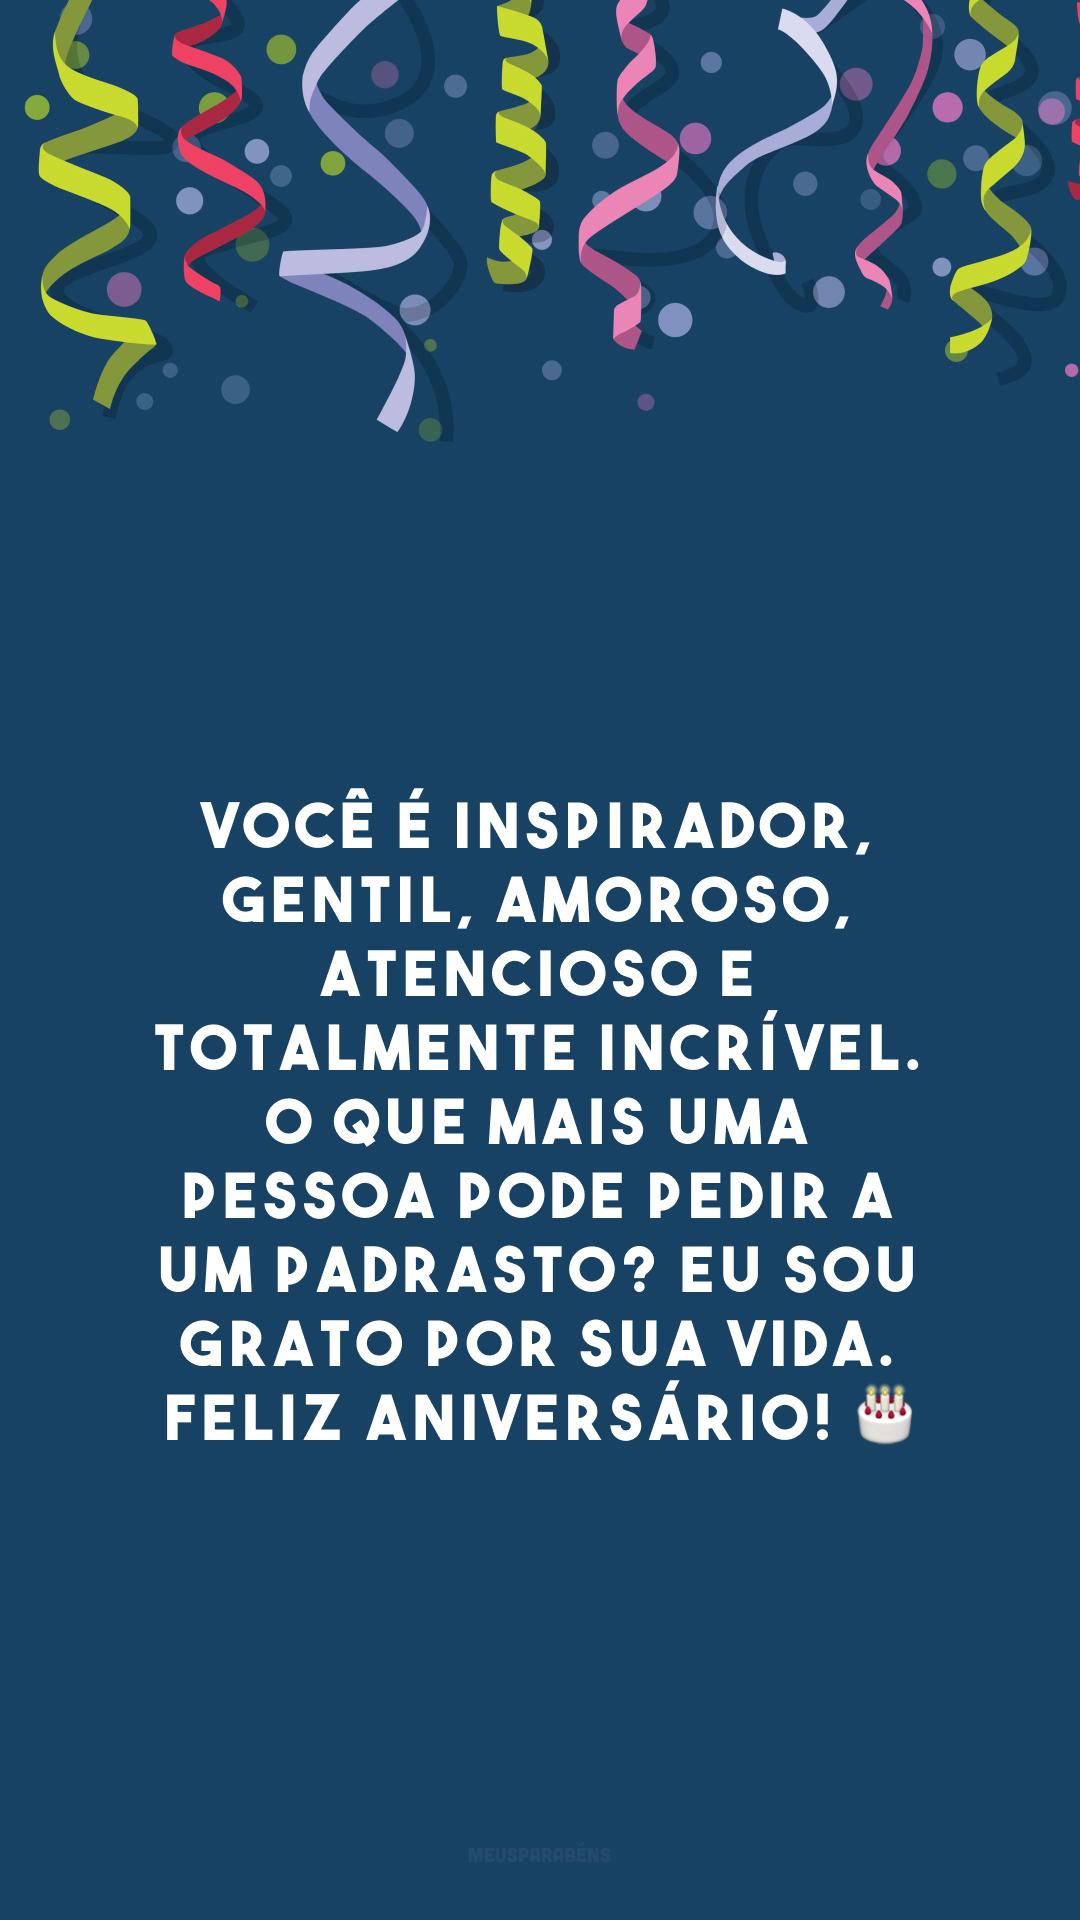 Você é inspirador, gentil, amoroso, atencioso e totalmente incrível. O que mais uma pessoa pode pedir a um padrasto? Eu sou grato por sua vida. Feliz aniversário! 🎂